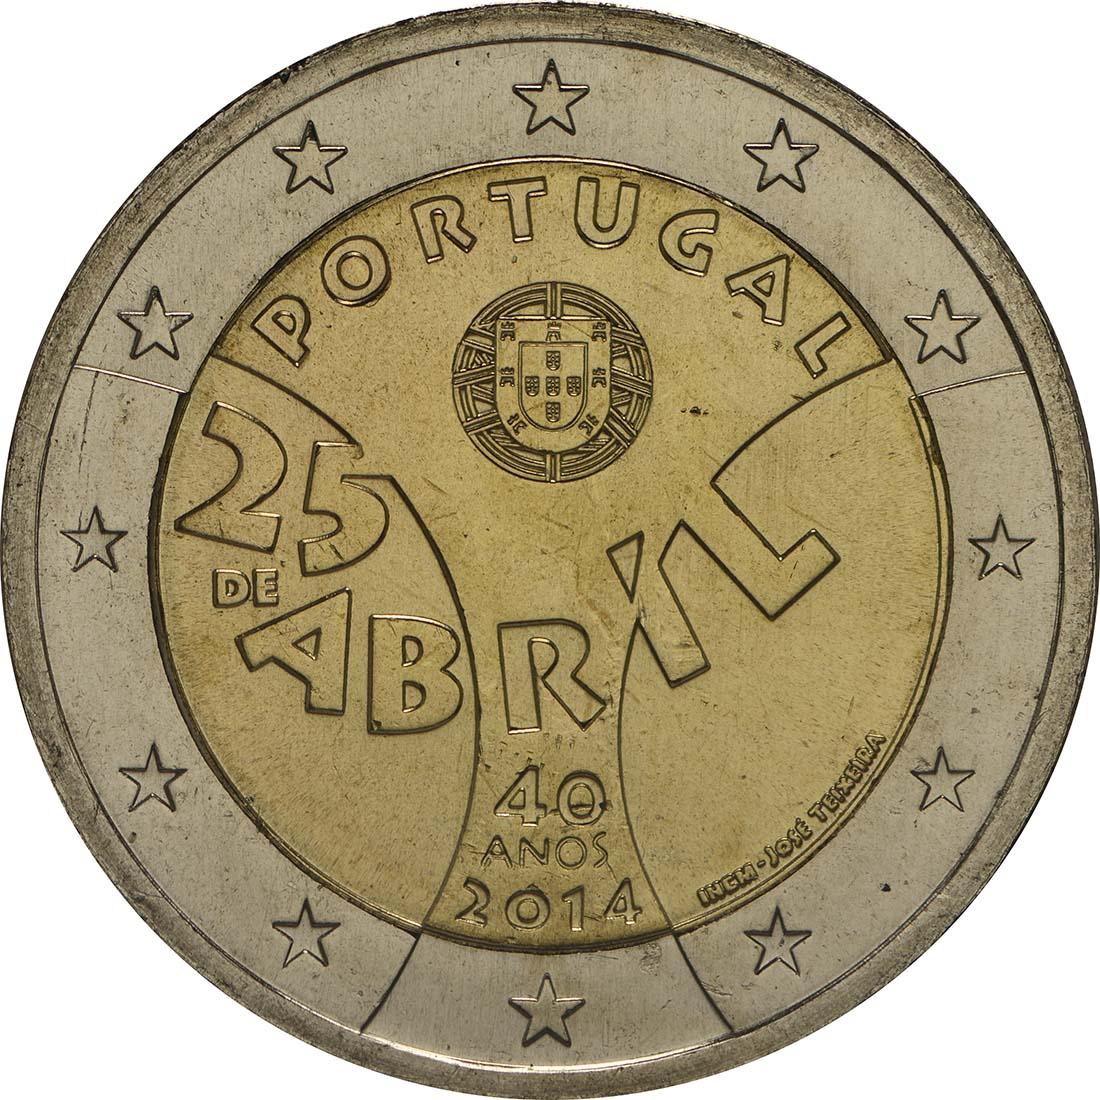 2014 163 Portugal Nelkenrevolution.jpg